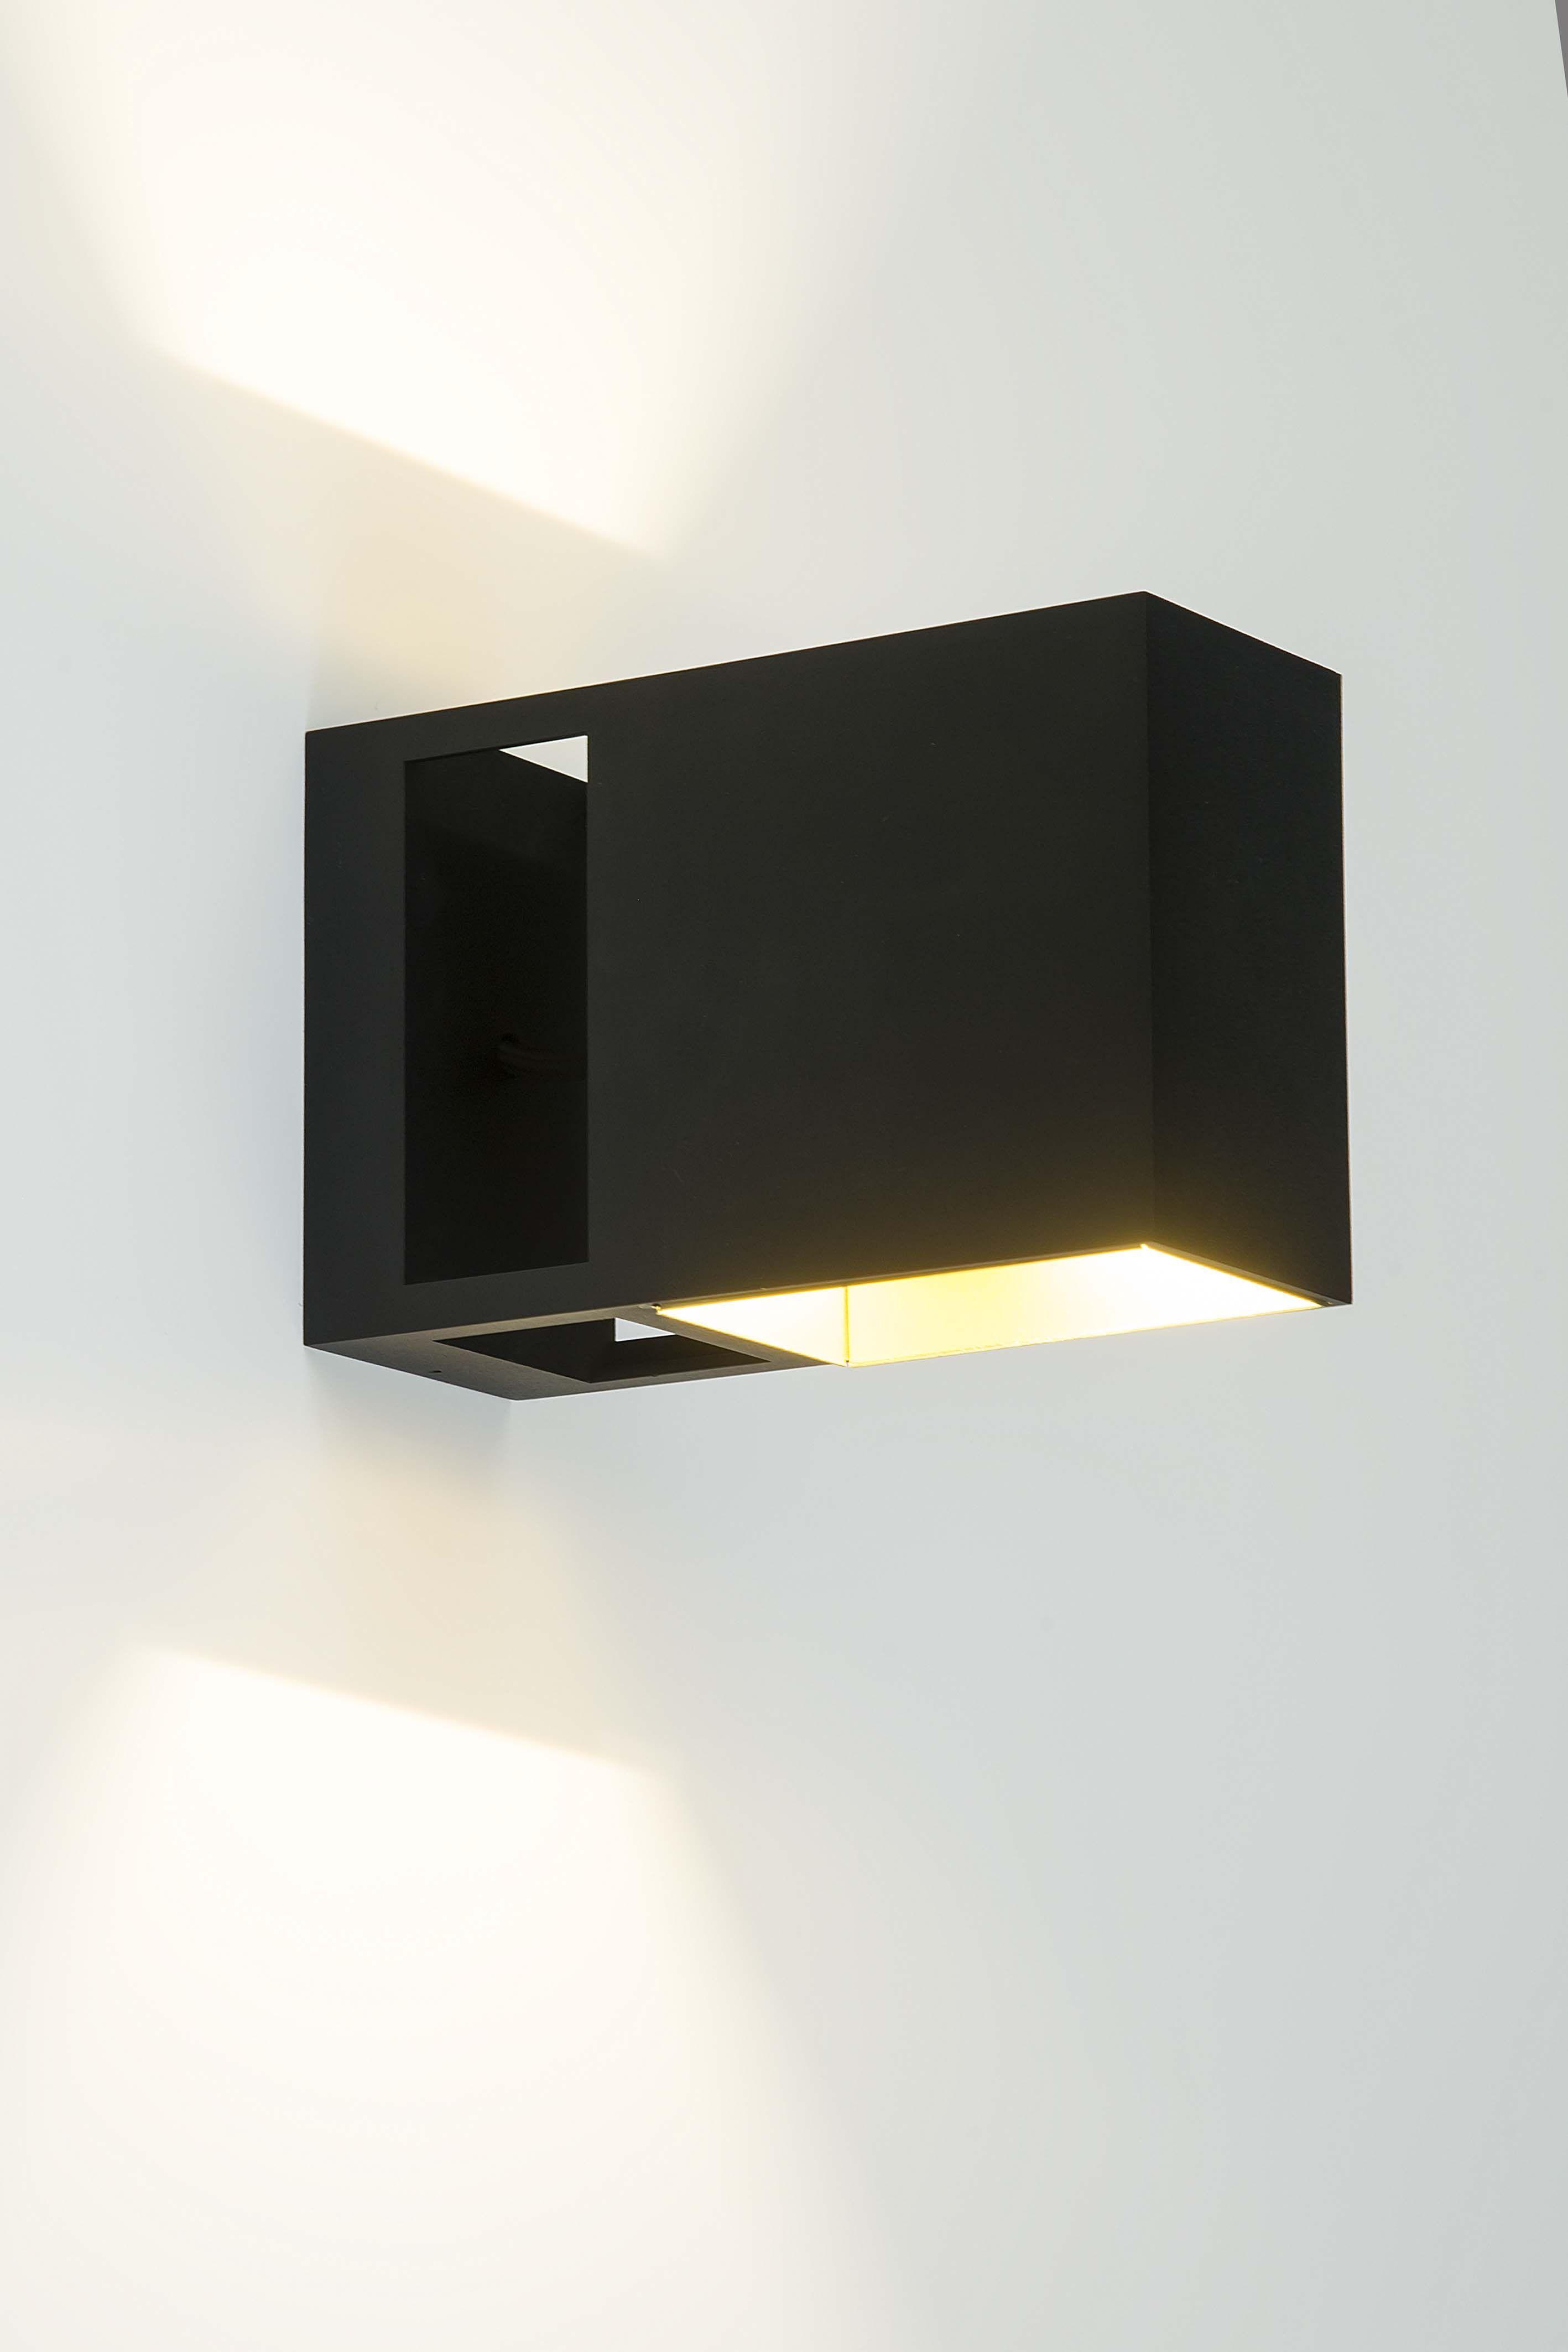 Skinner box wall dark lighting architecturallighting colors